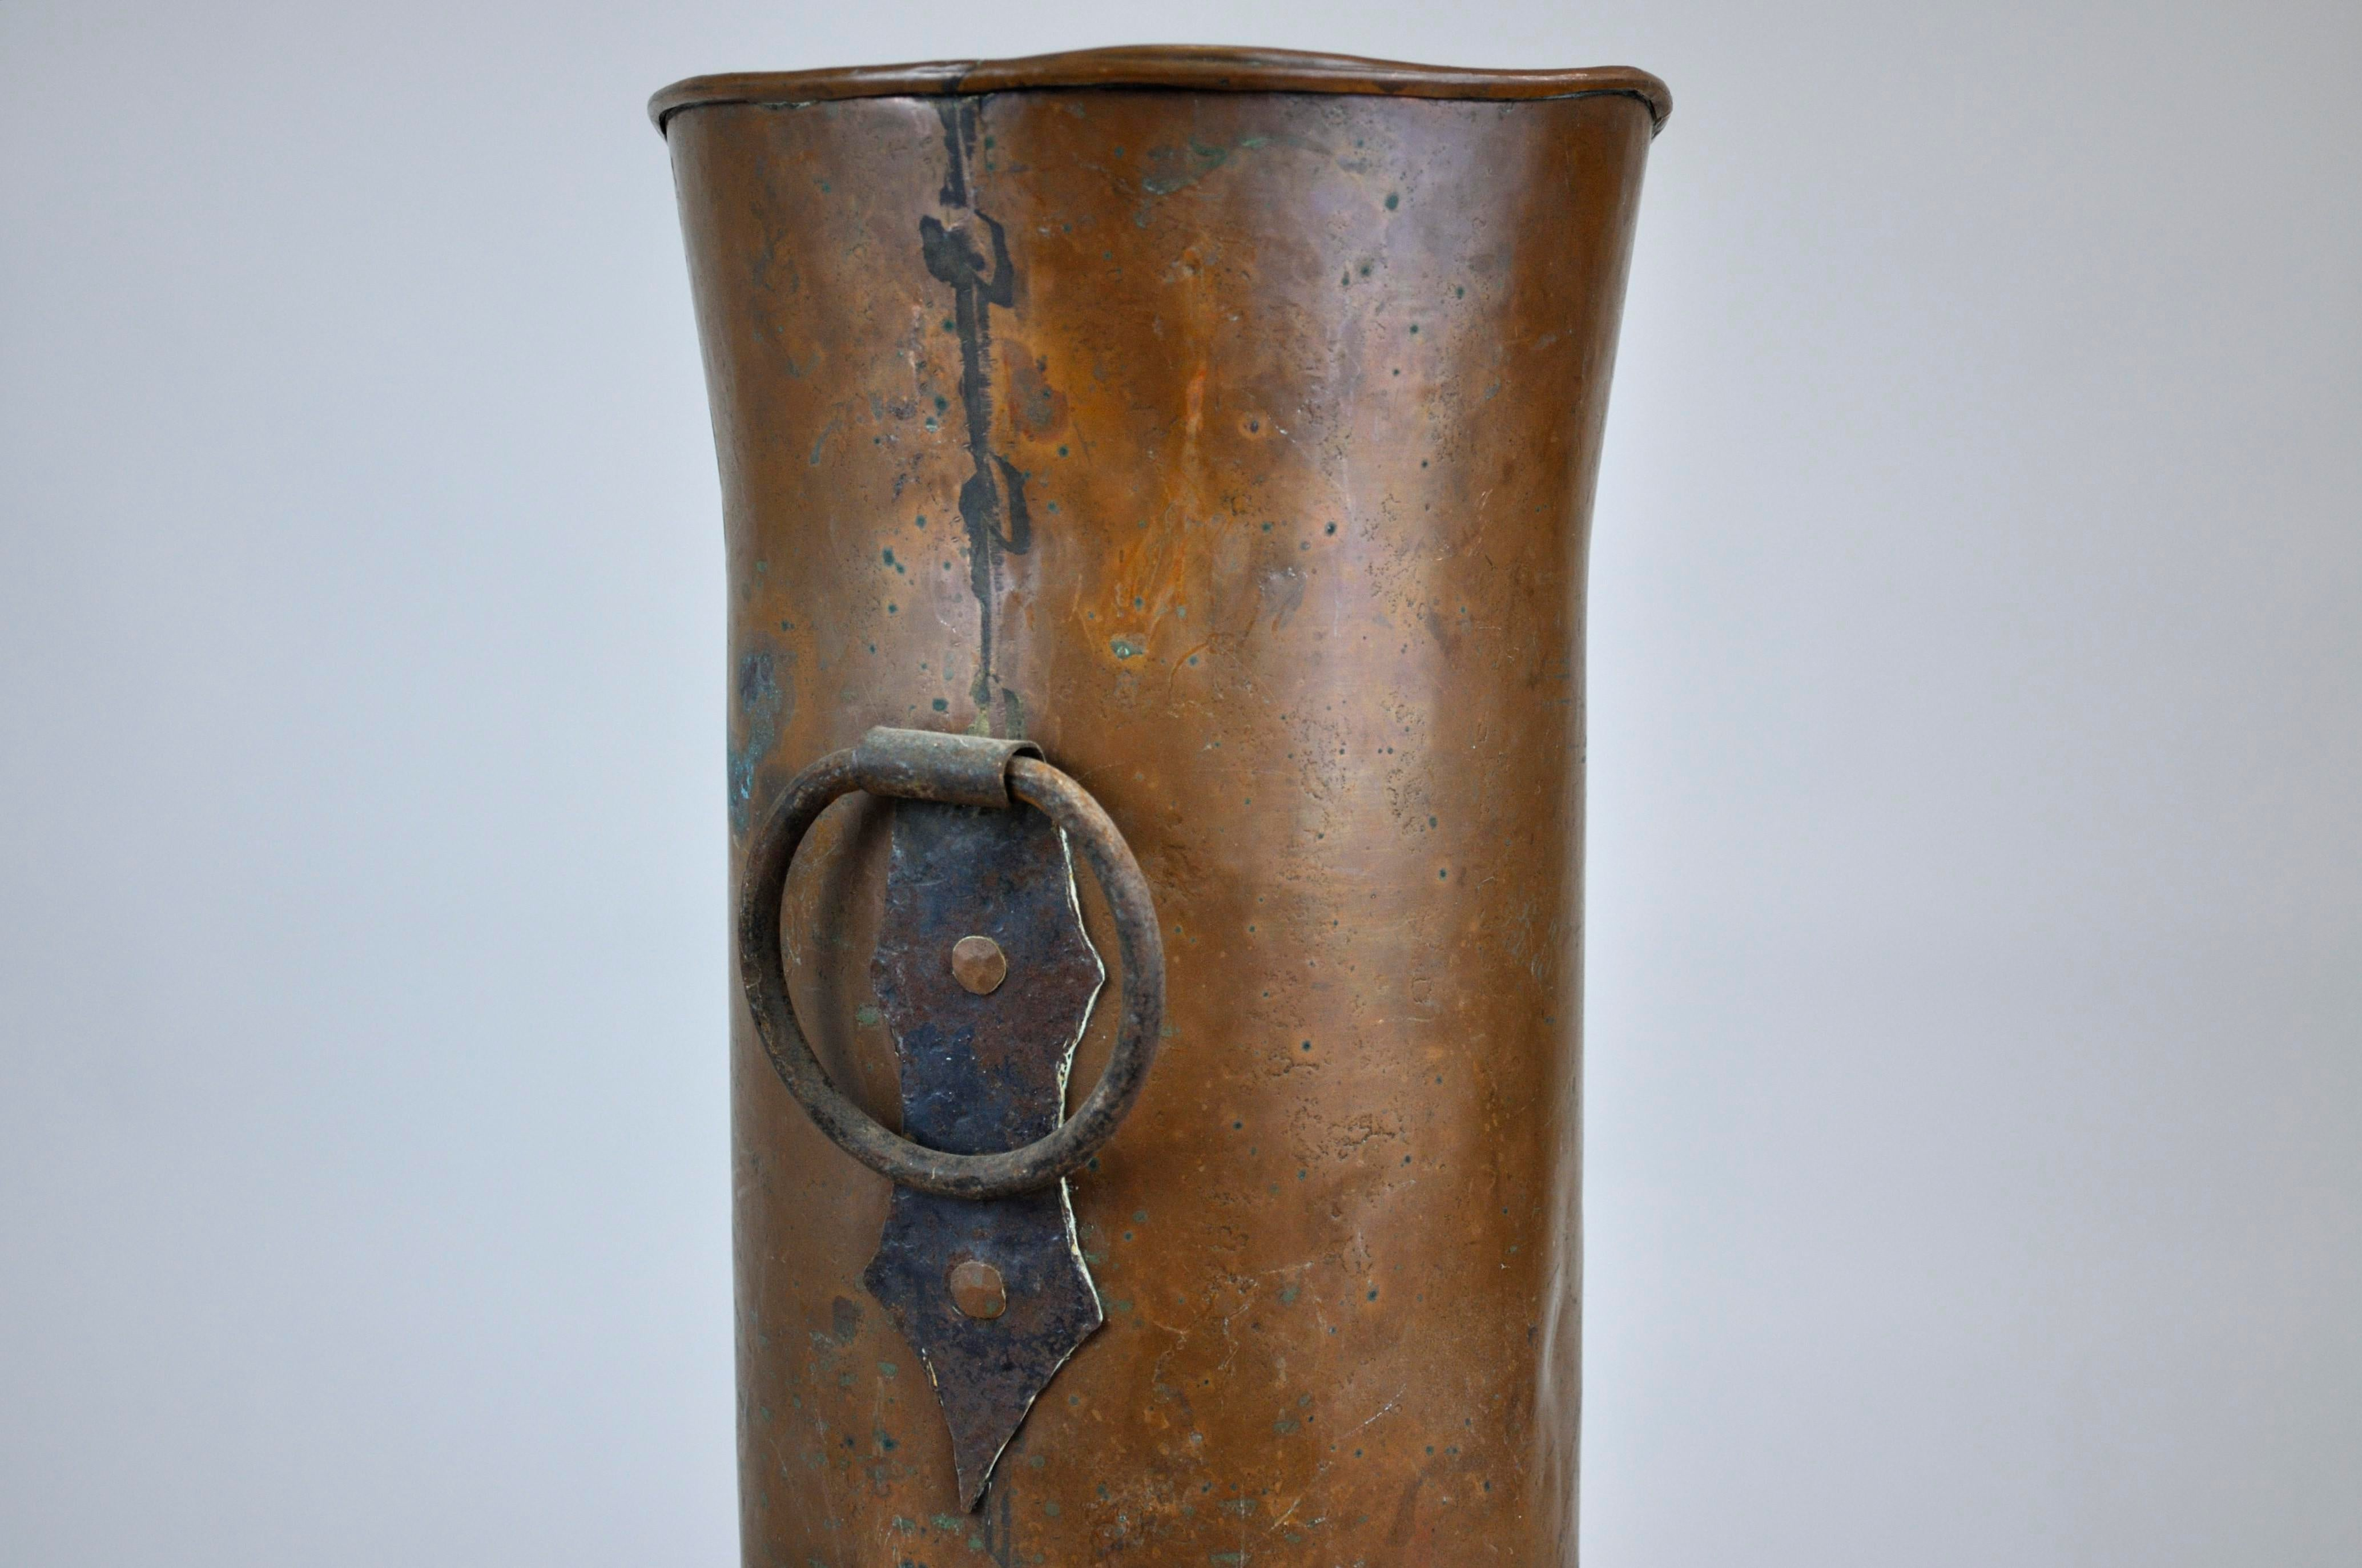 antique french handmade copper umbrella holder | chairish Copper Umbrella Holder